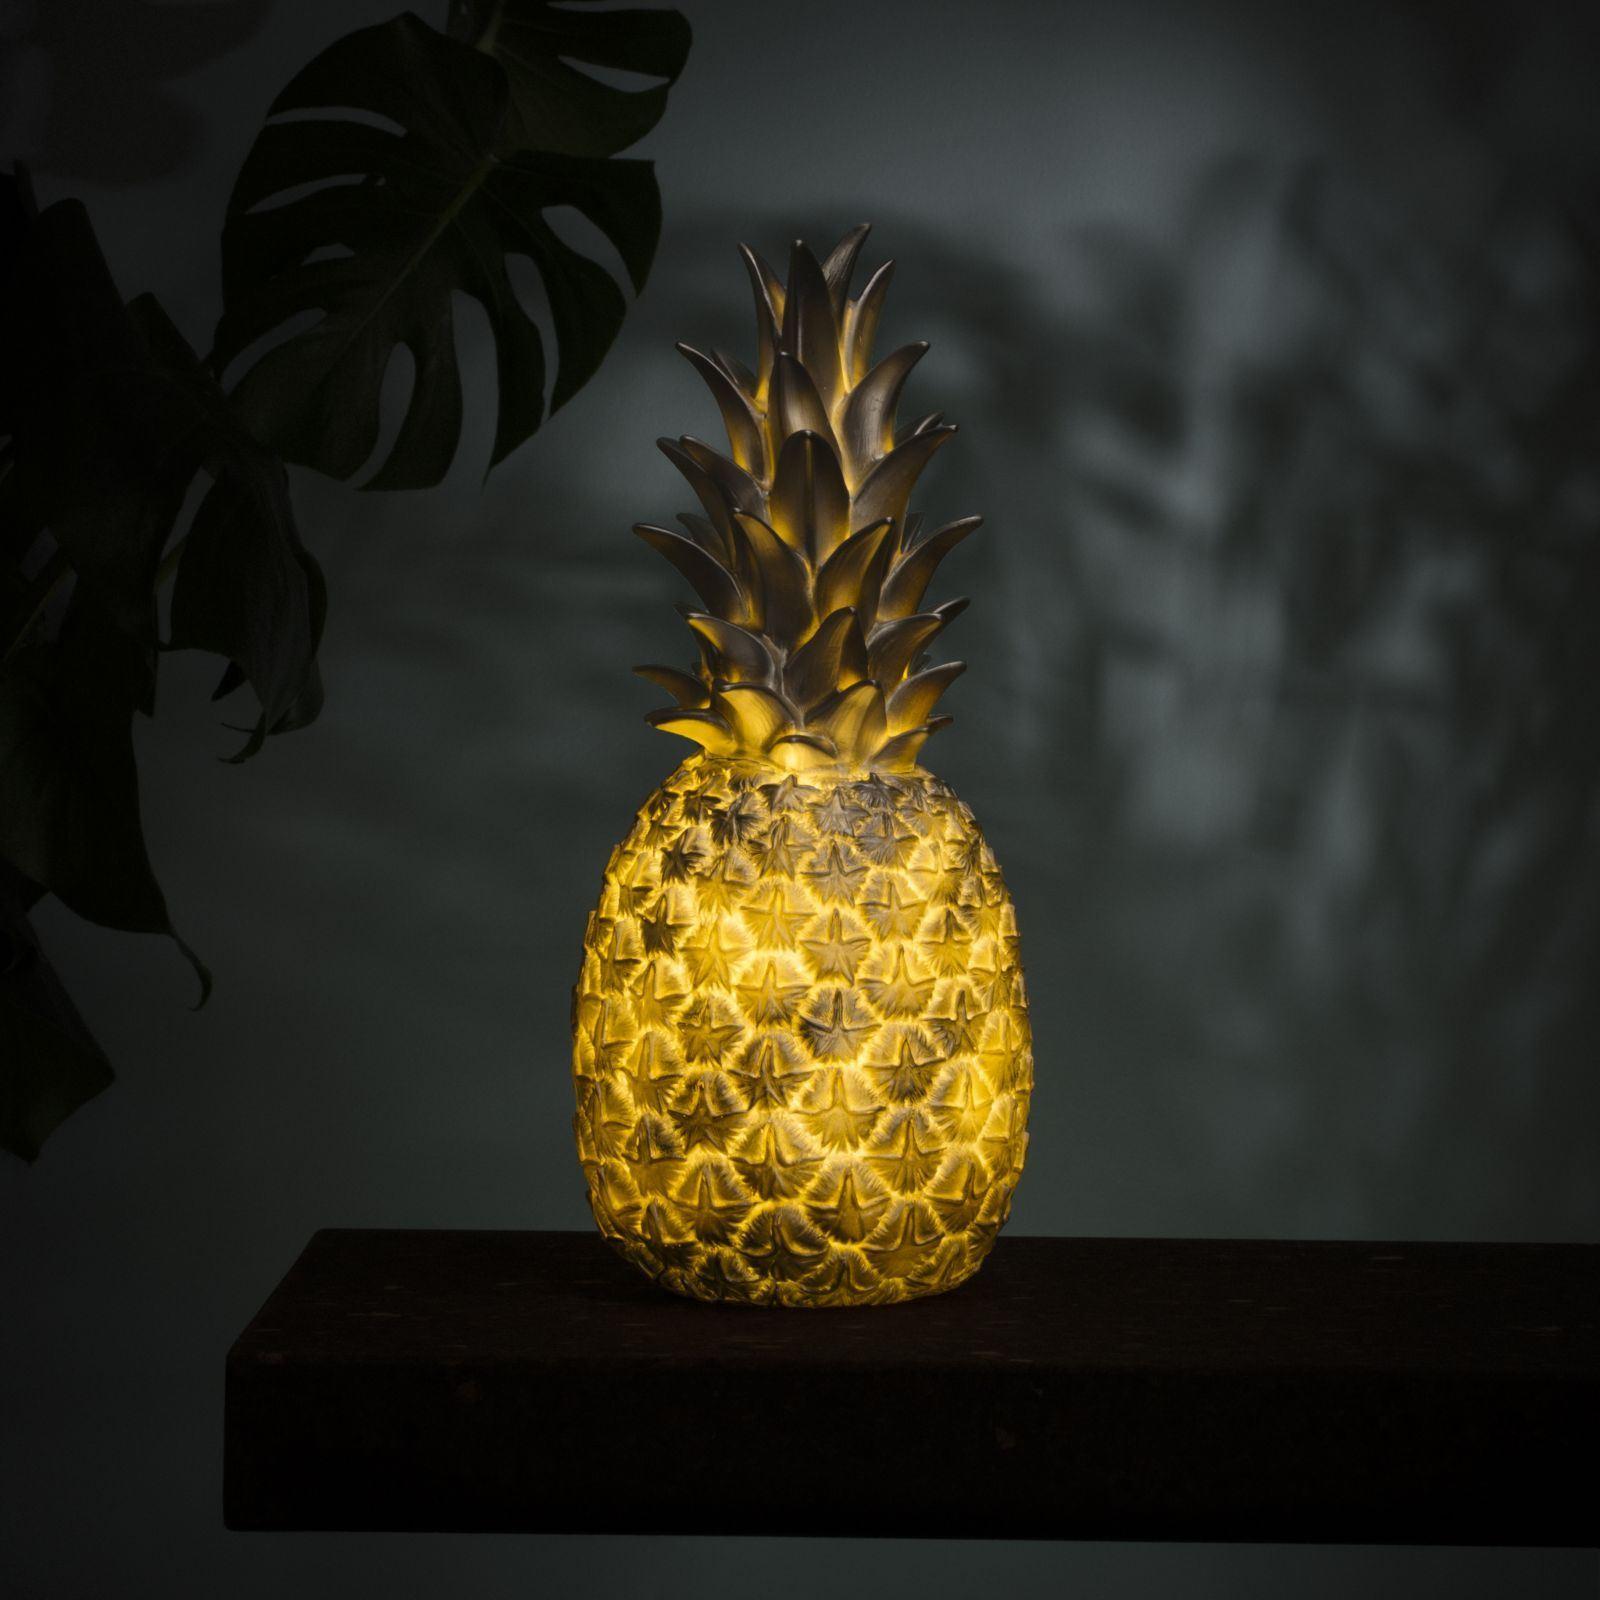 lampe ananas en argent pi a colada goodnight light en vinyle moul. Black Bedroom Furniture Sets. Home Design Ideas